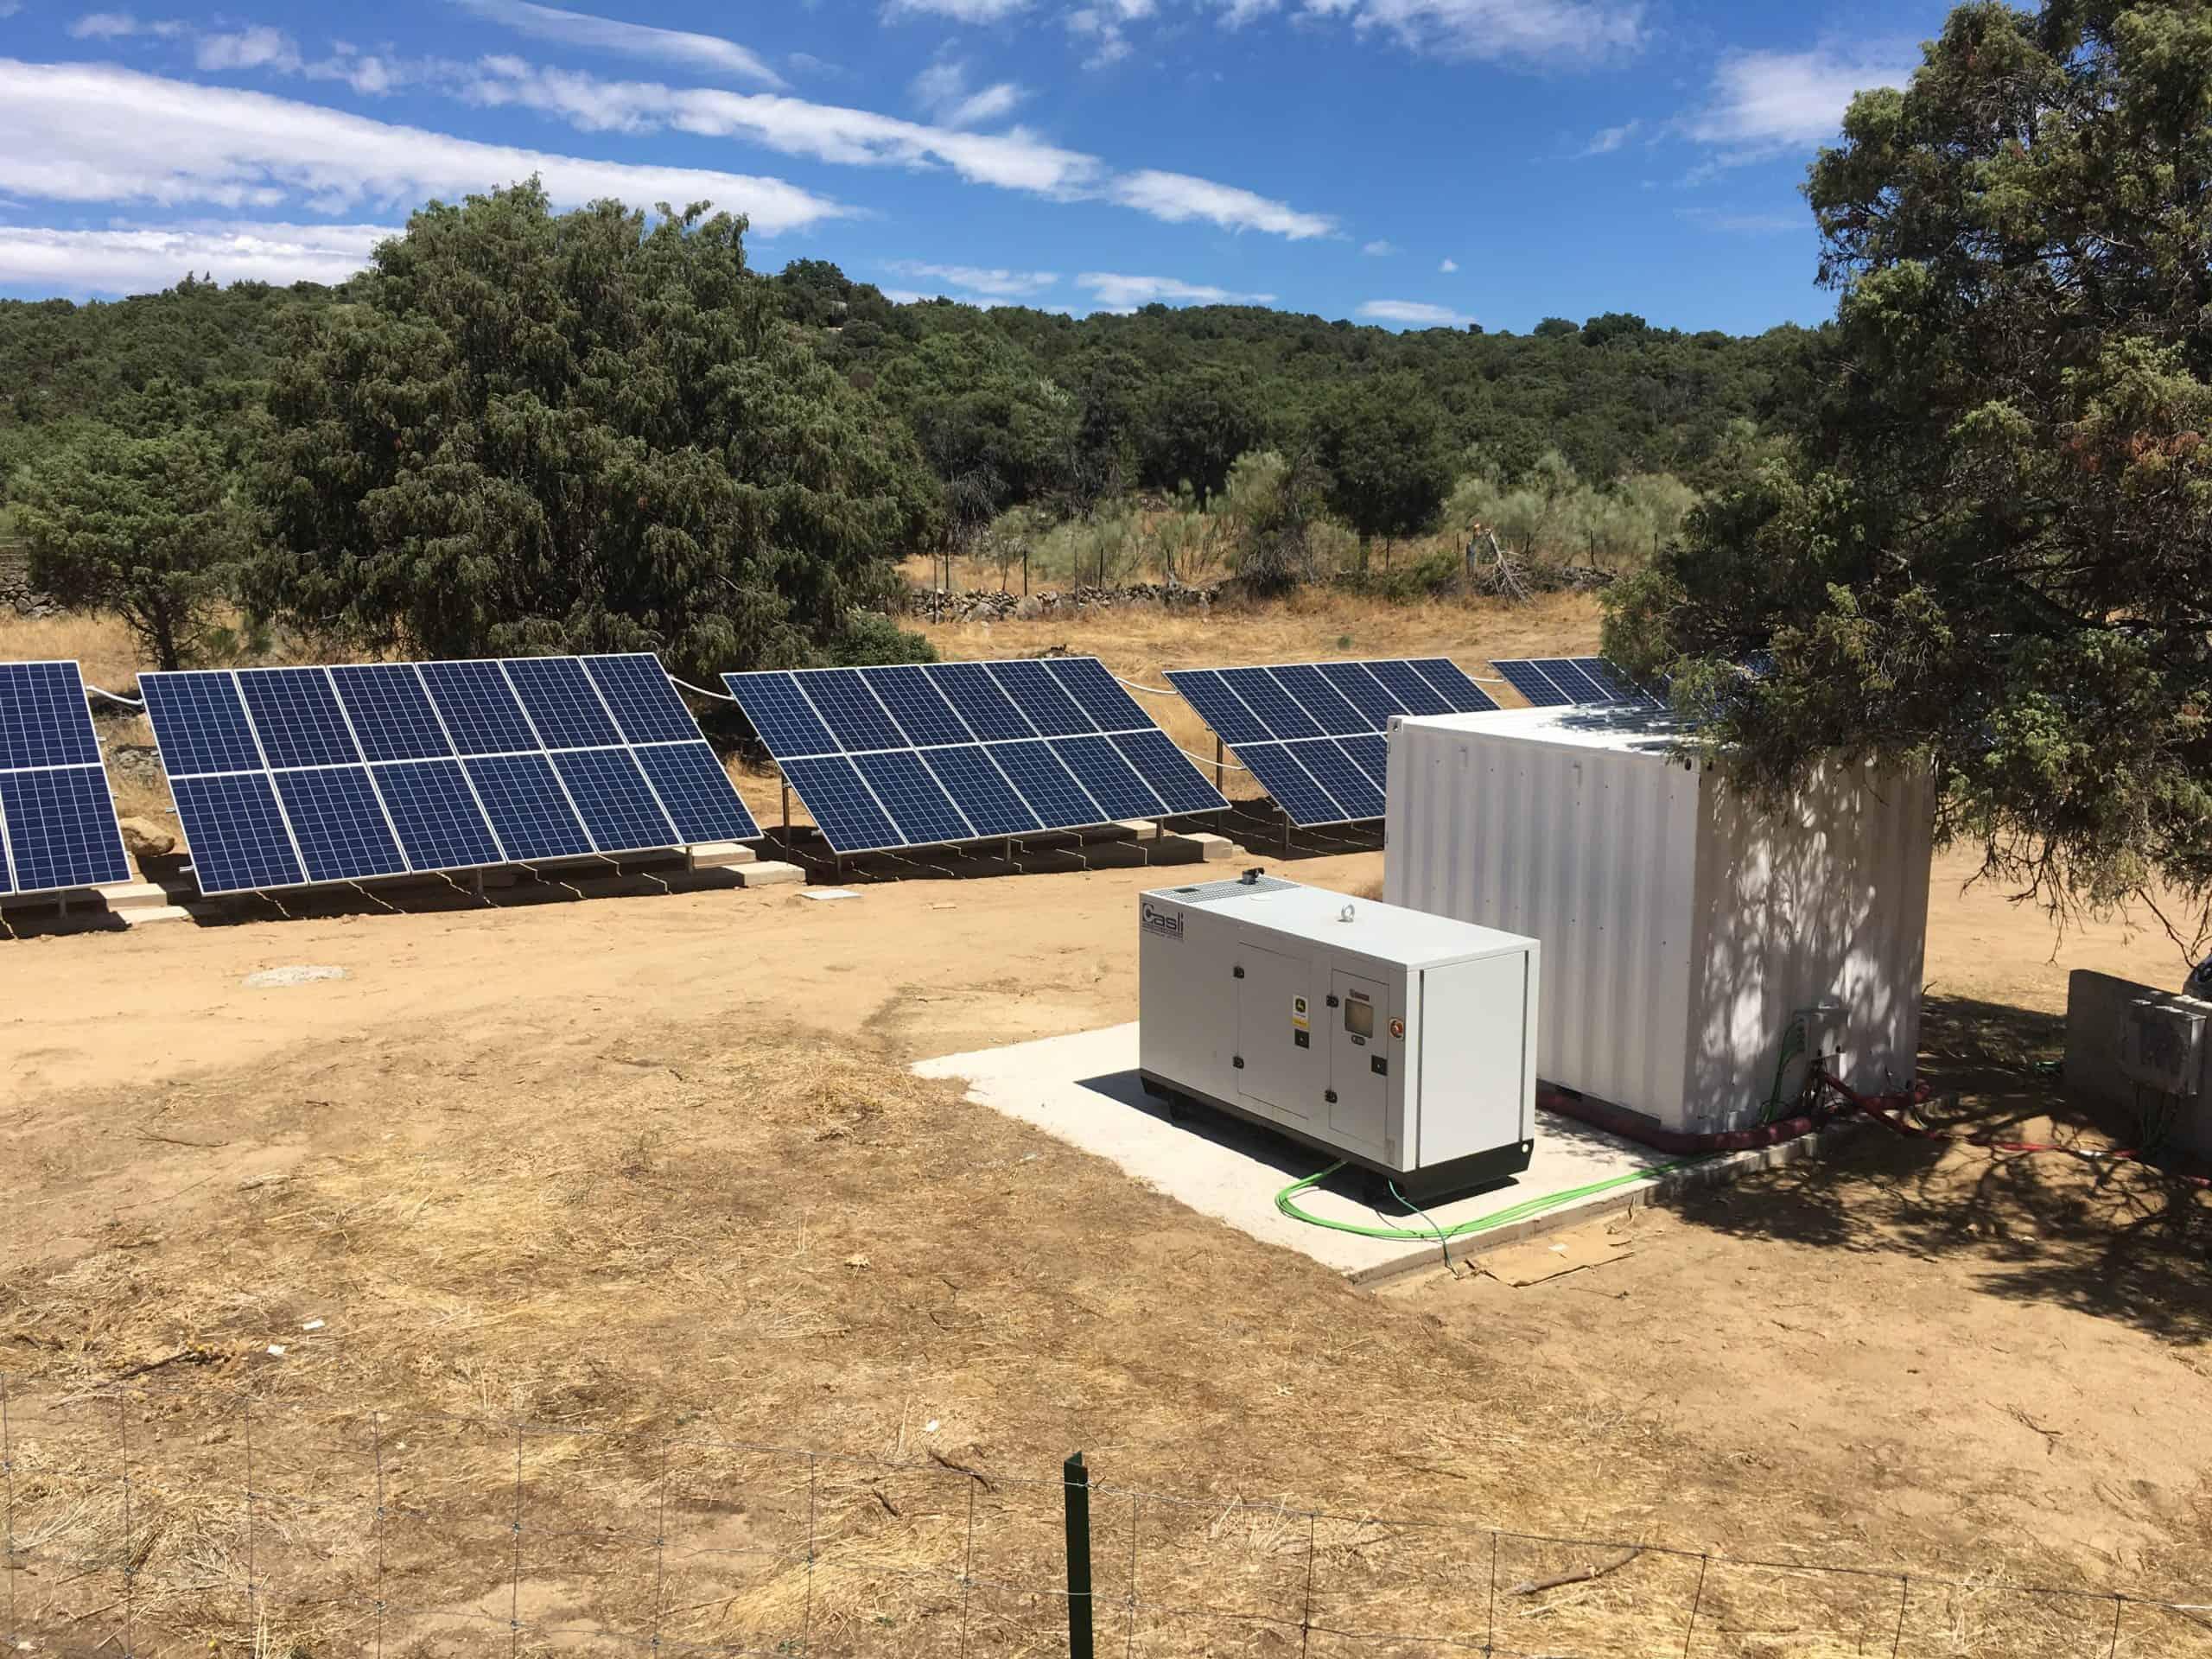 Casli Energy pone en marcha una nueva instalación fotovoltaica aislada.